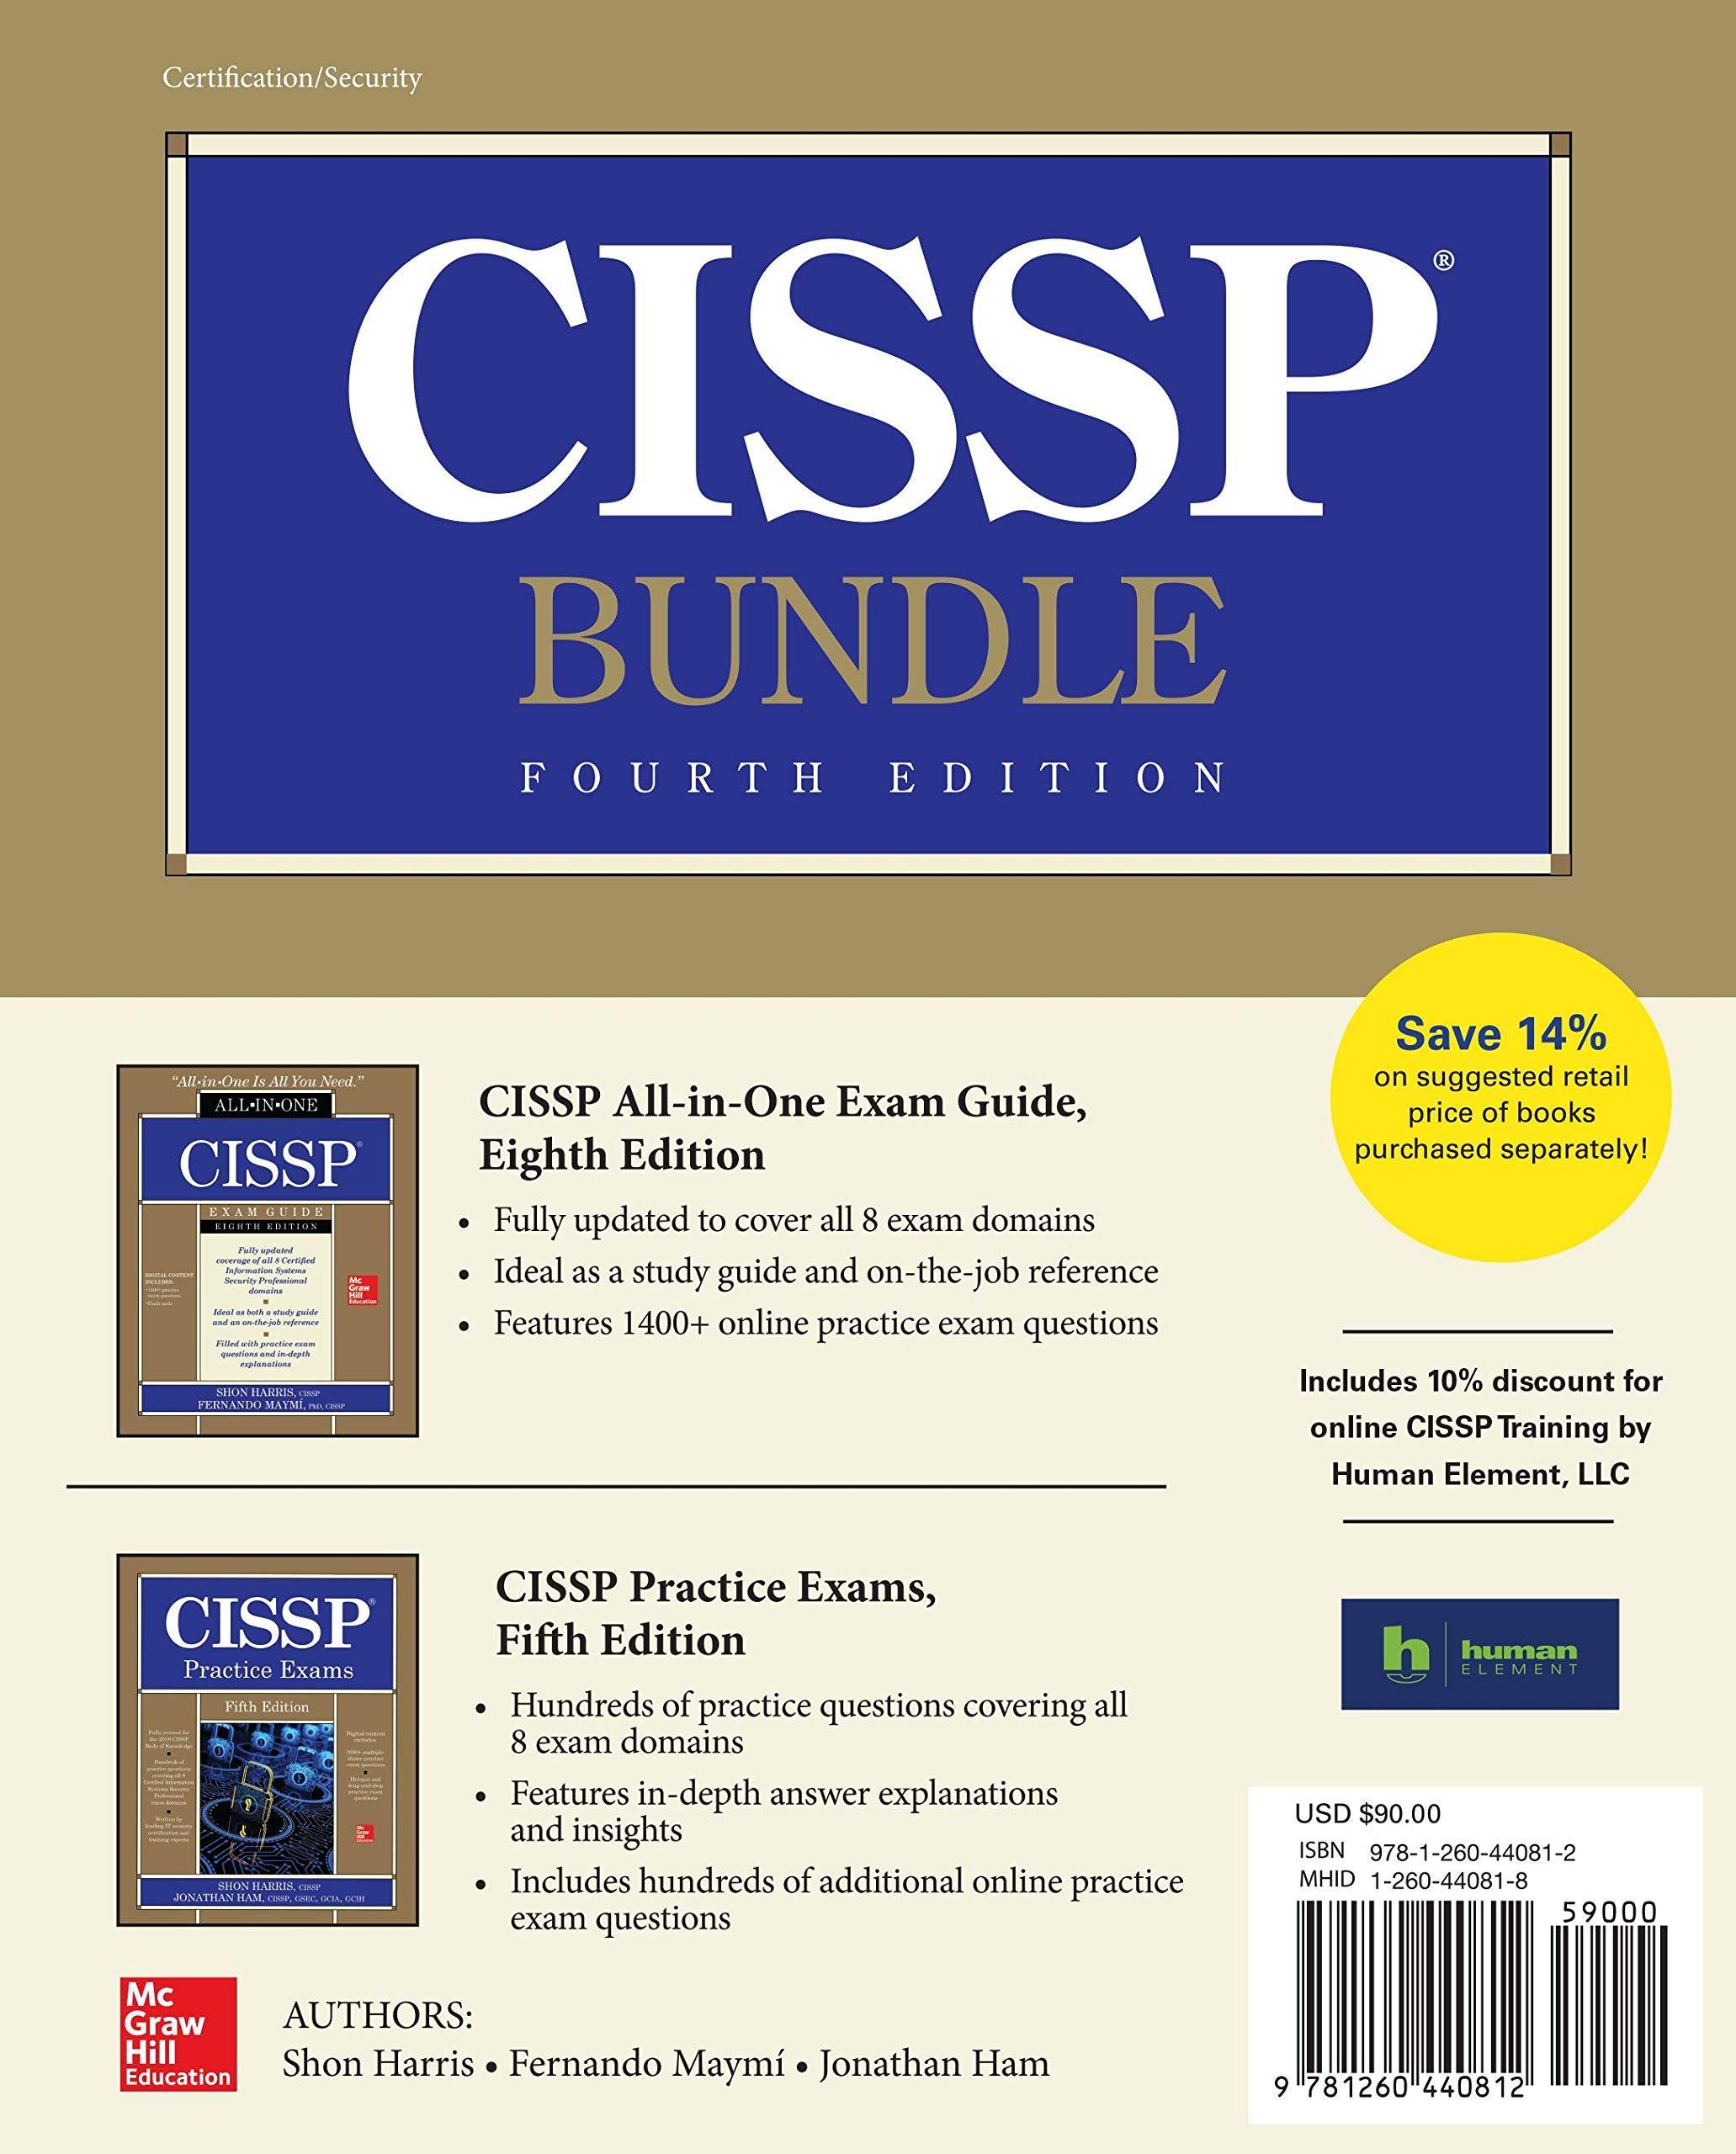 CISSP Bundle, Fourth Edition Paperback – December 27, 2018